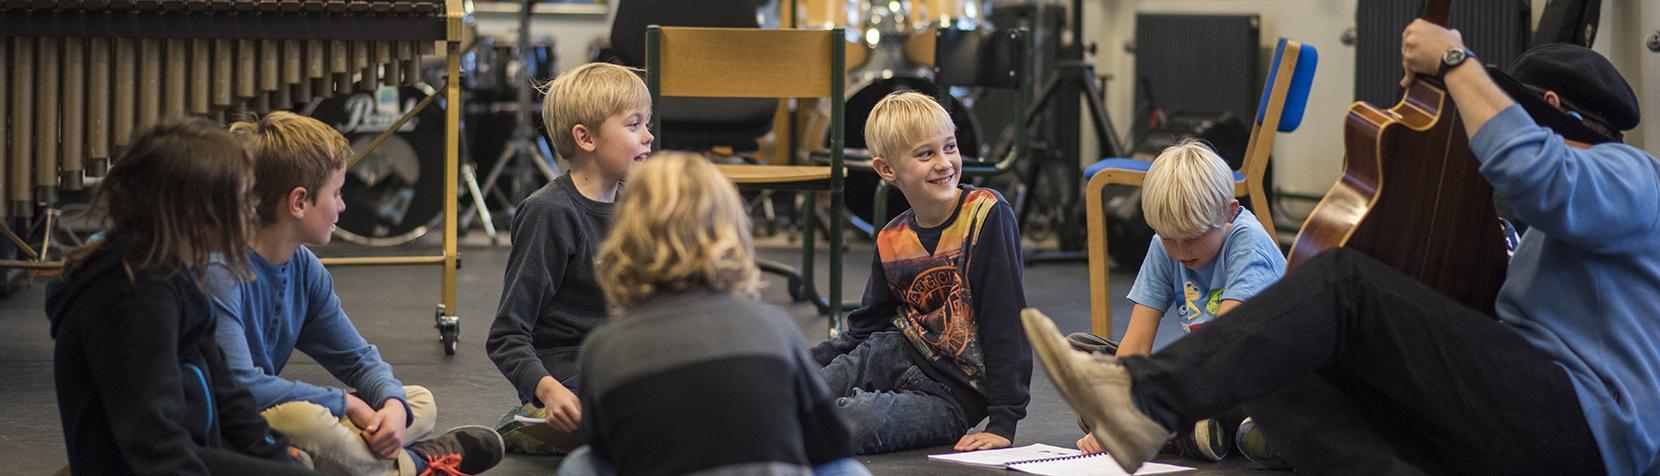 Børn synger og spiller guitar i rundkreds